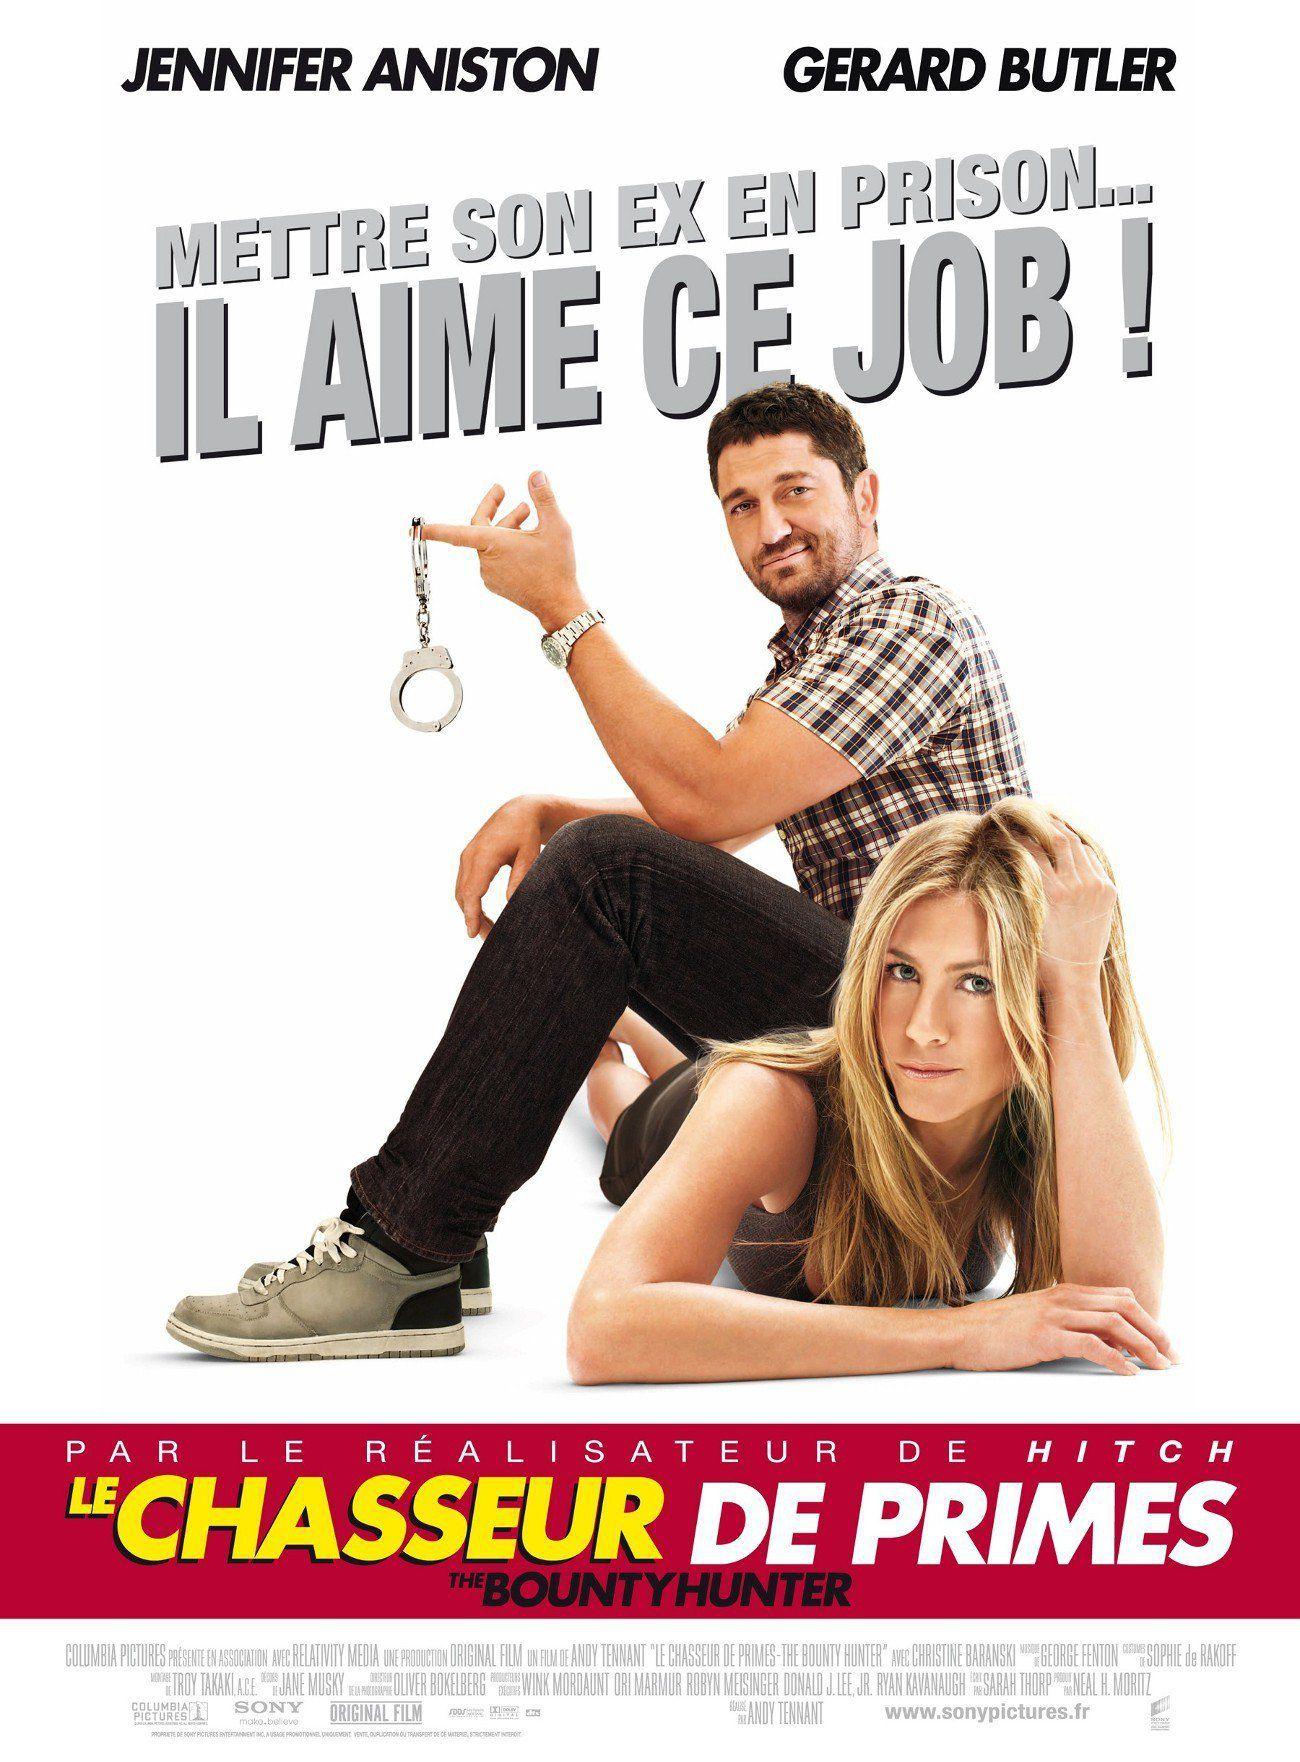 Le Chasseur de primes - Film (2010)